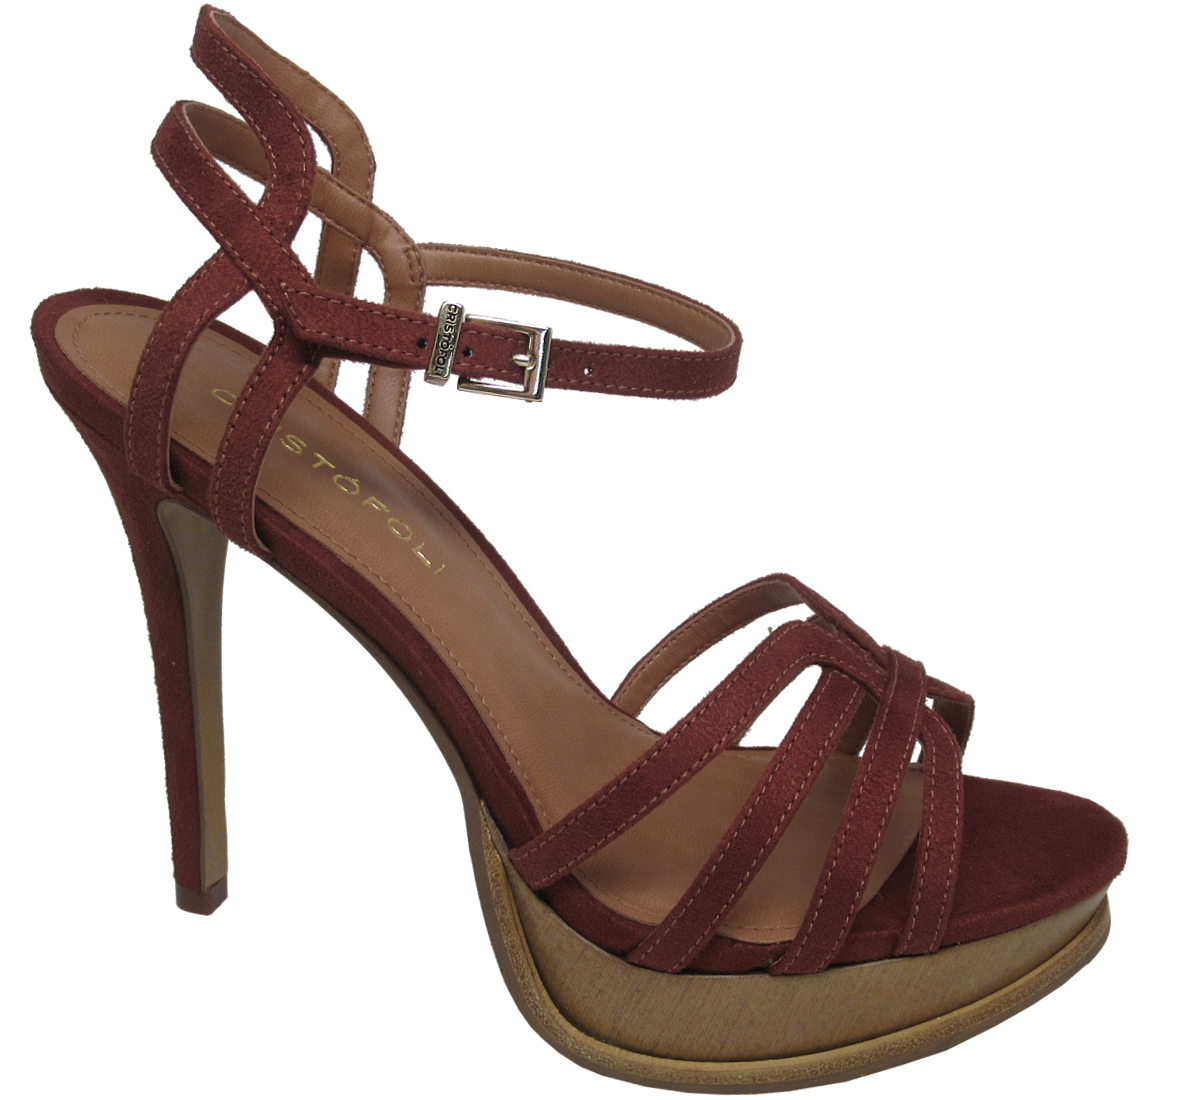 13b7daf0b Coleção Calçados Cristófoli, botas, sapatos, sandálias | Dtalhe Calçados